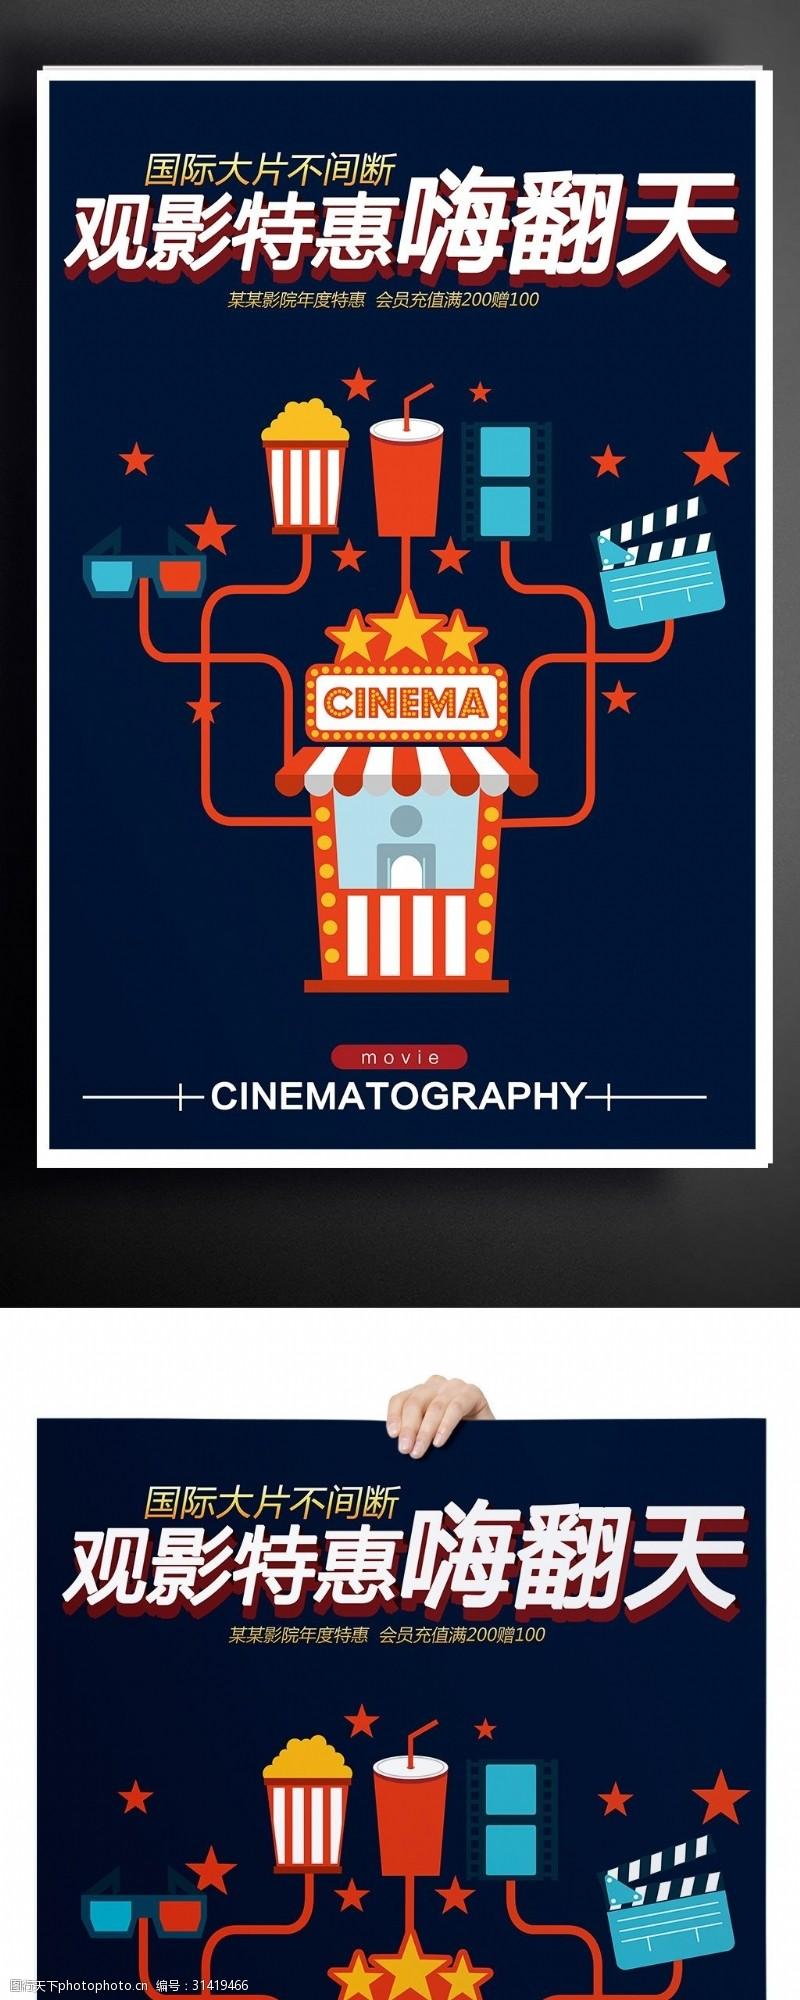 电影素材电影票大促销嗨翻天减价优惠海报